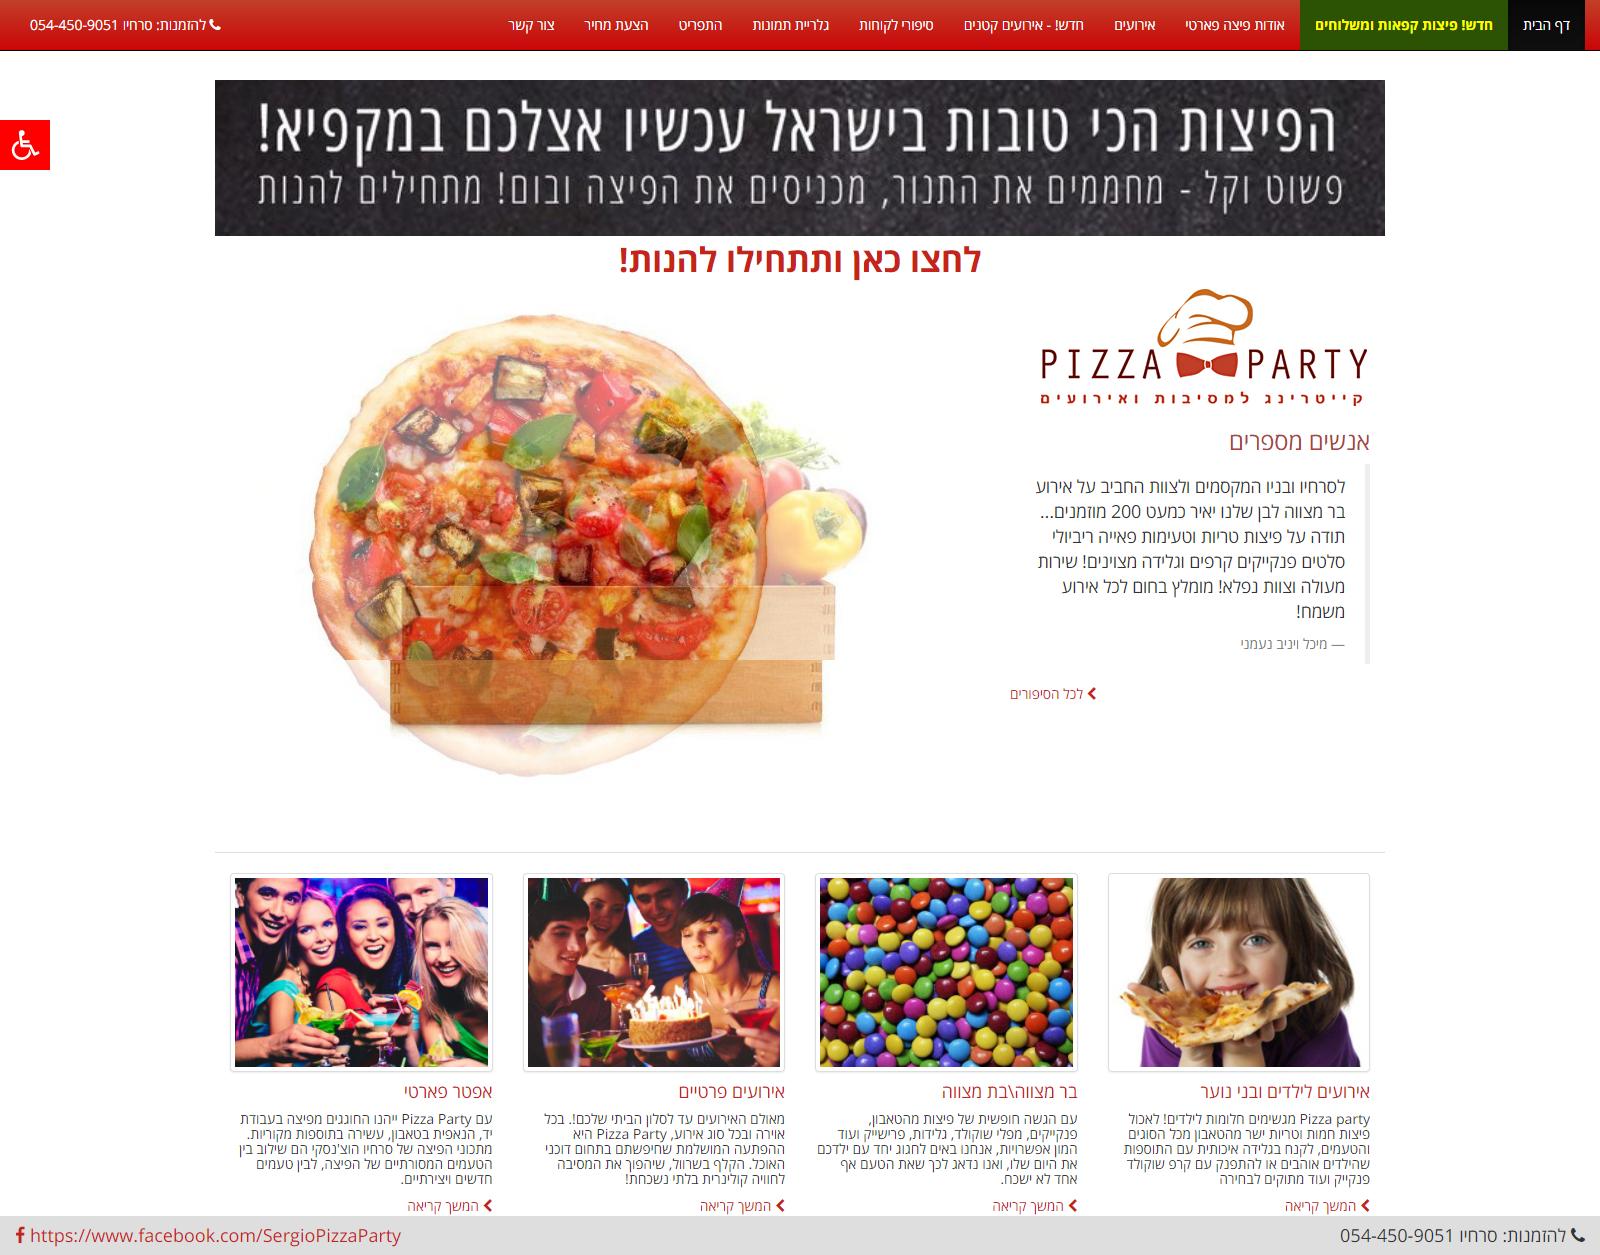 פיצה פארטי - הפיצות הטובות בישראל עכשיו אצלכם במקפיא!